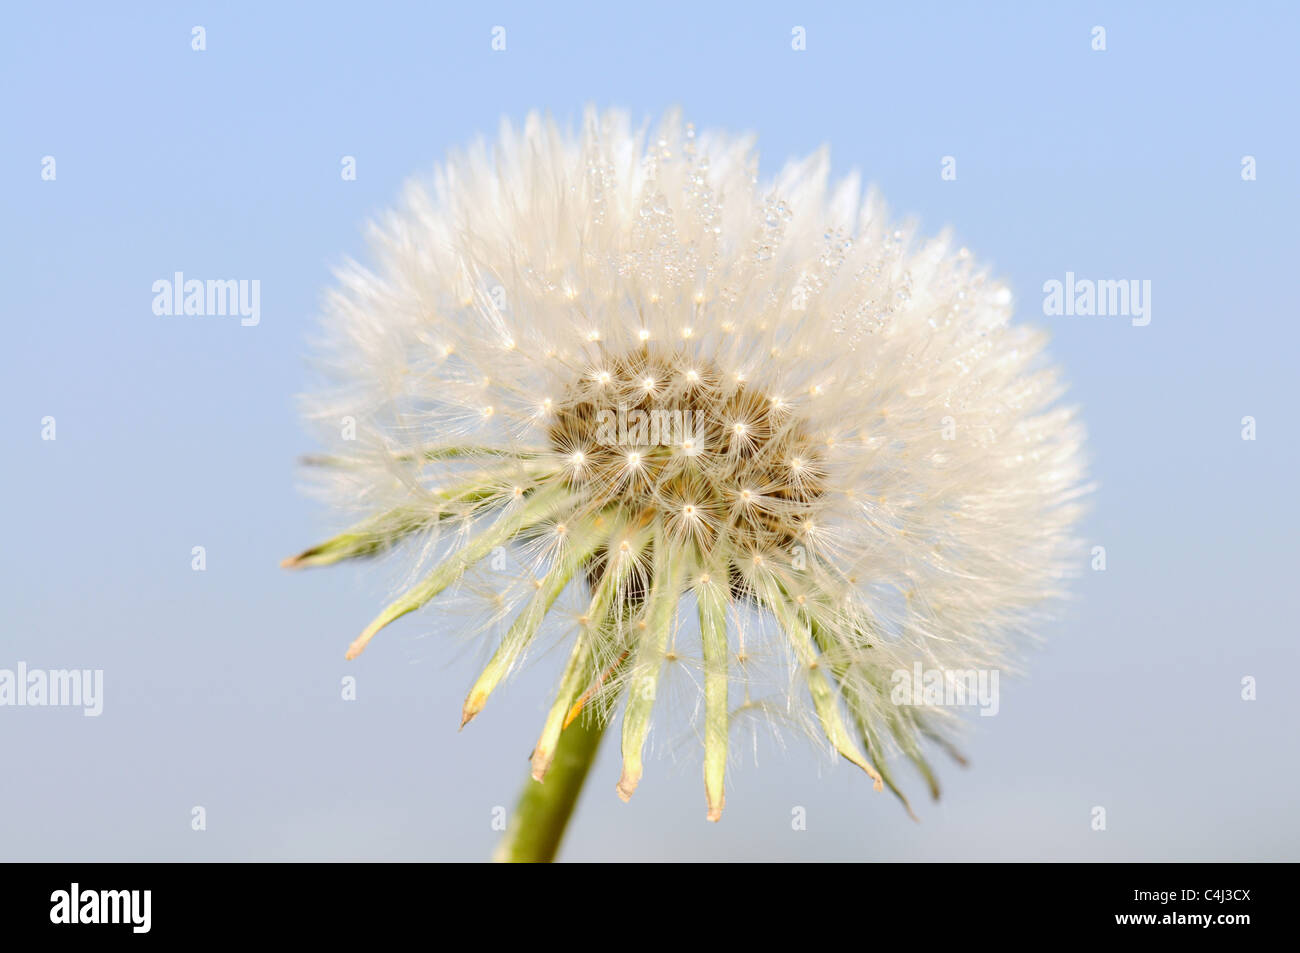 Dandelion Clocks against blue sky - Stock Image